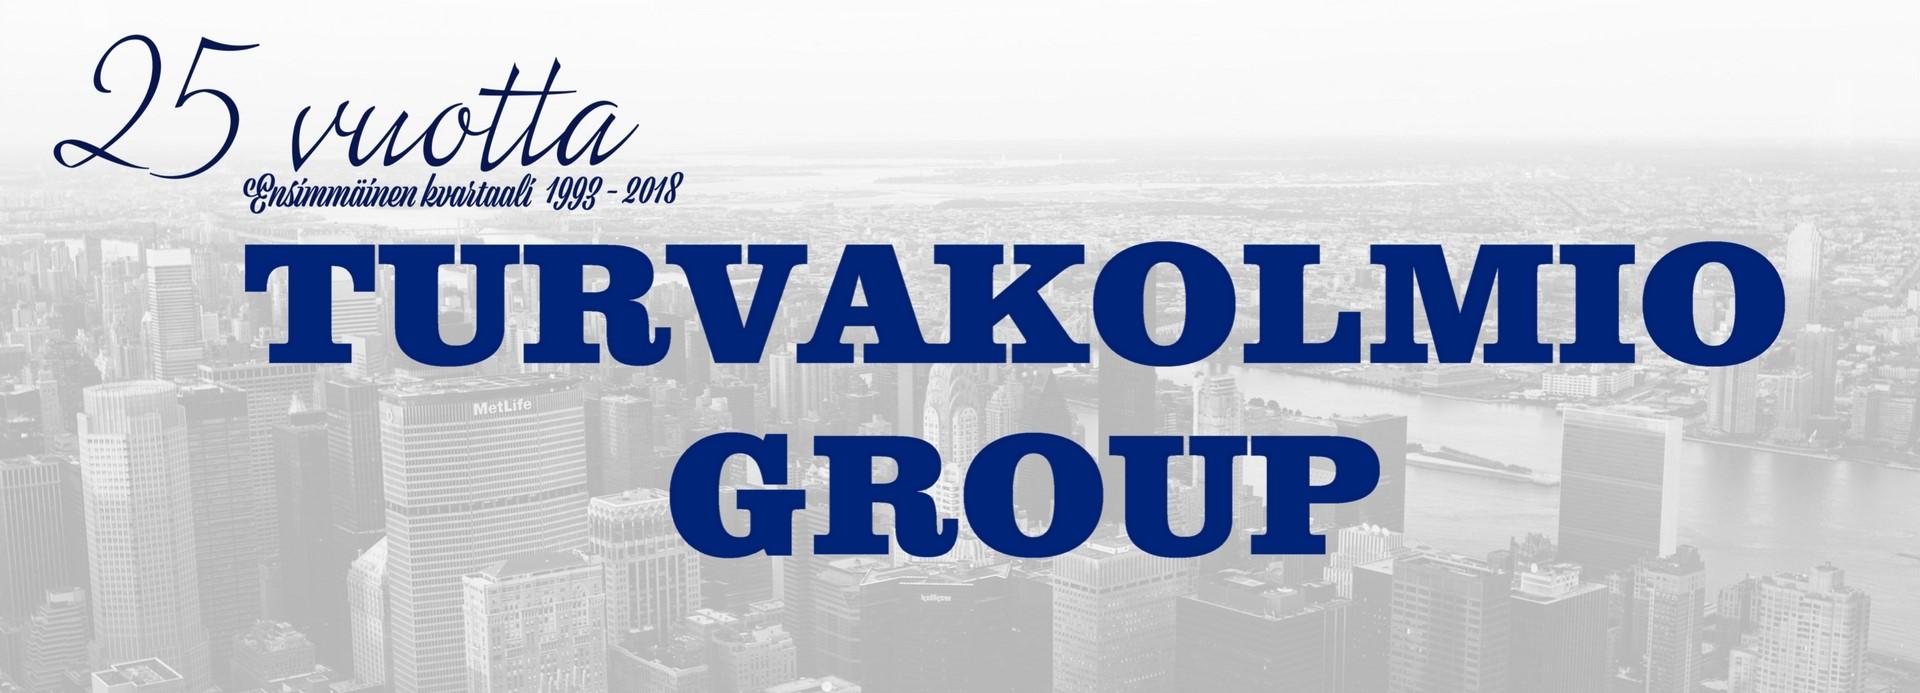 ensimmäinen kvartaali-25 vuotta-Turvakolmio Group.jpg